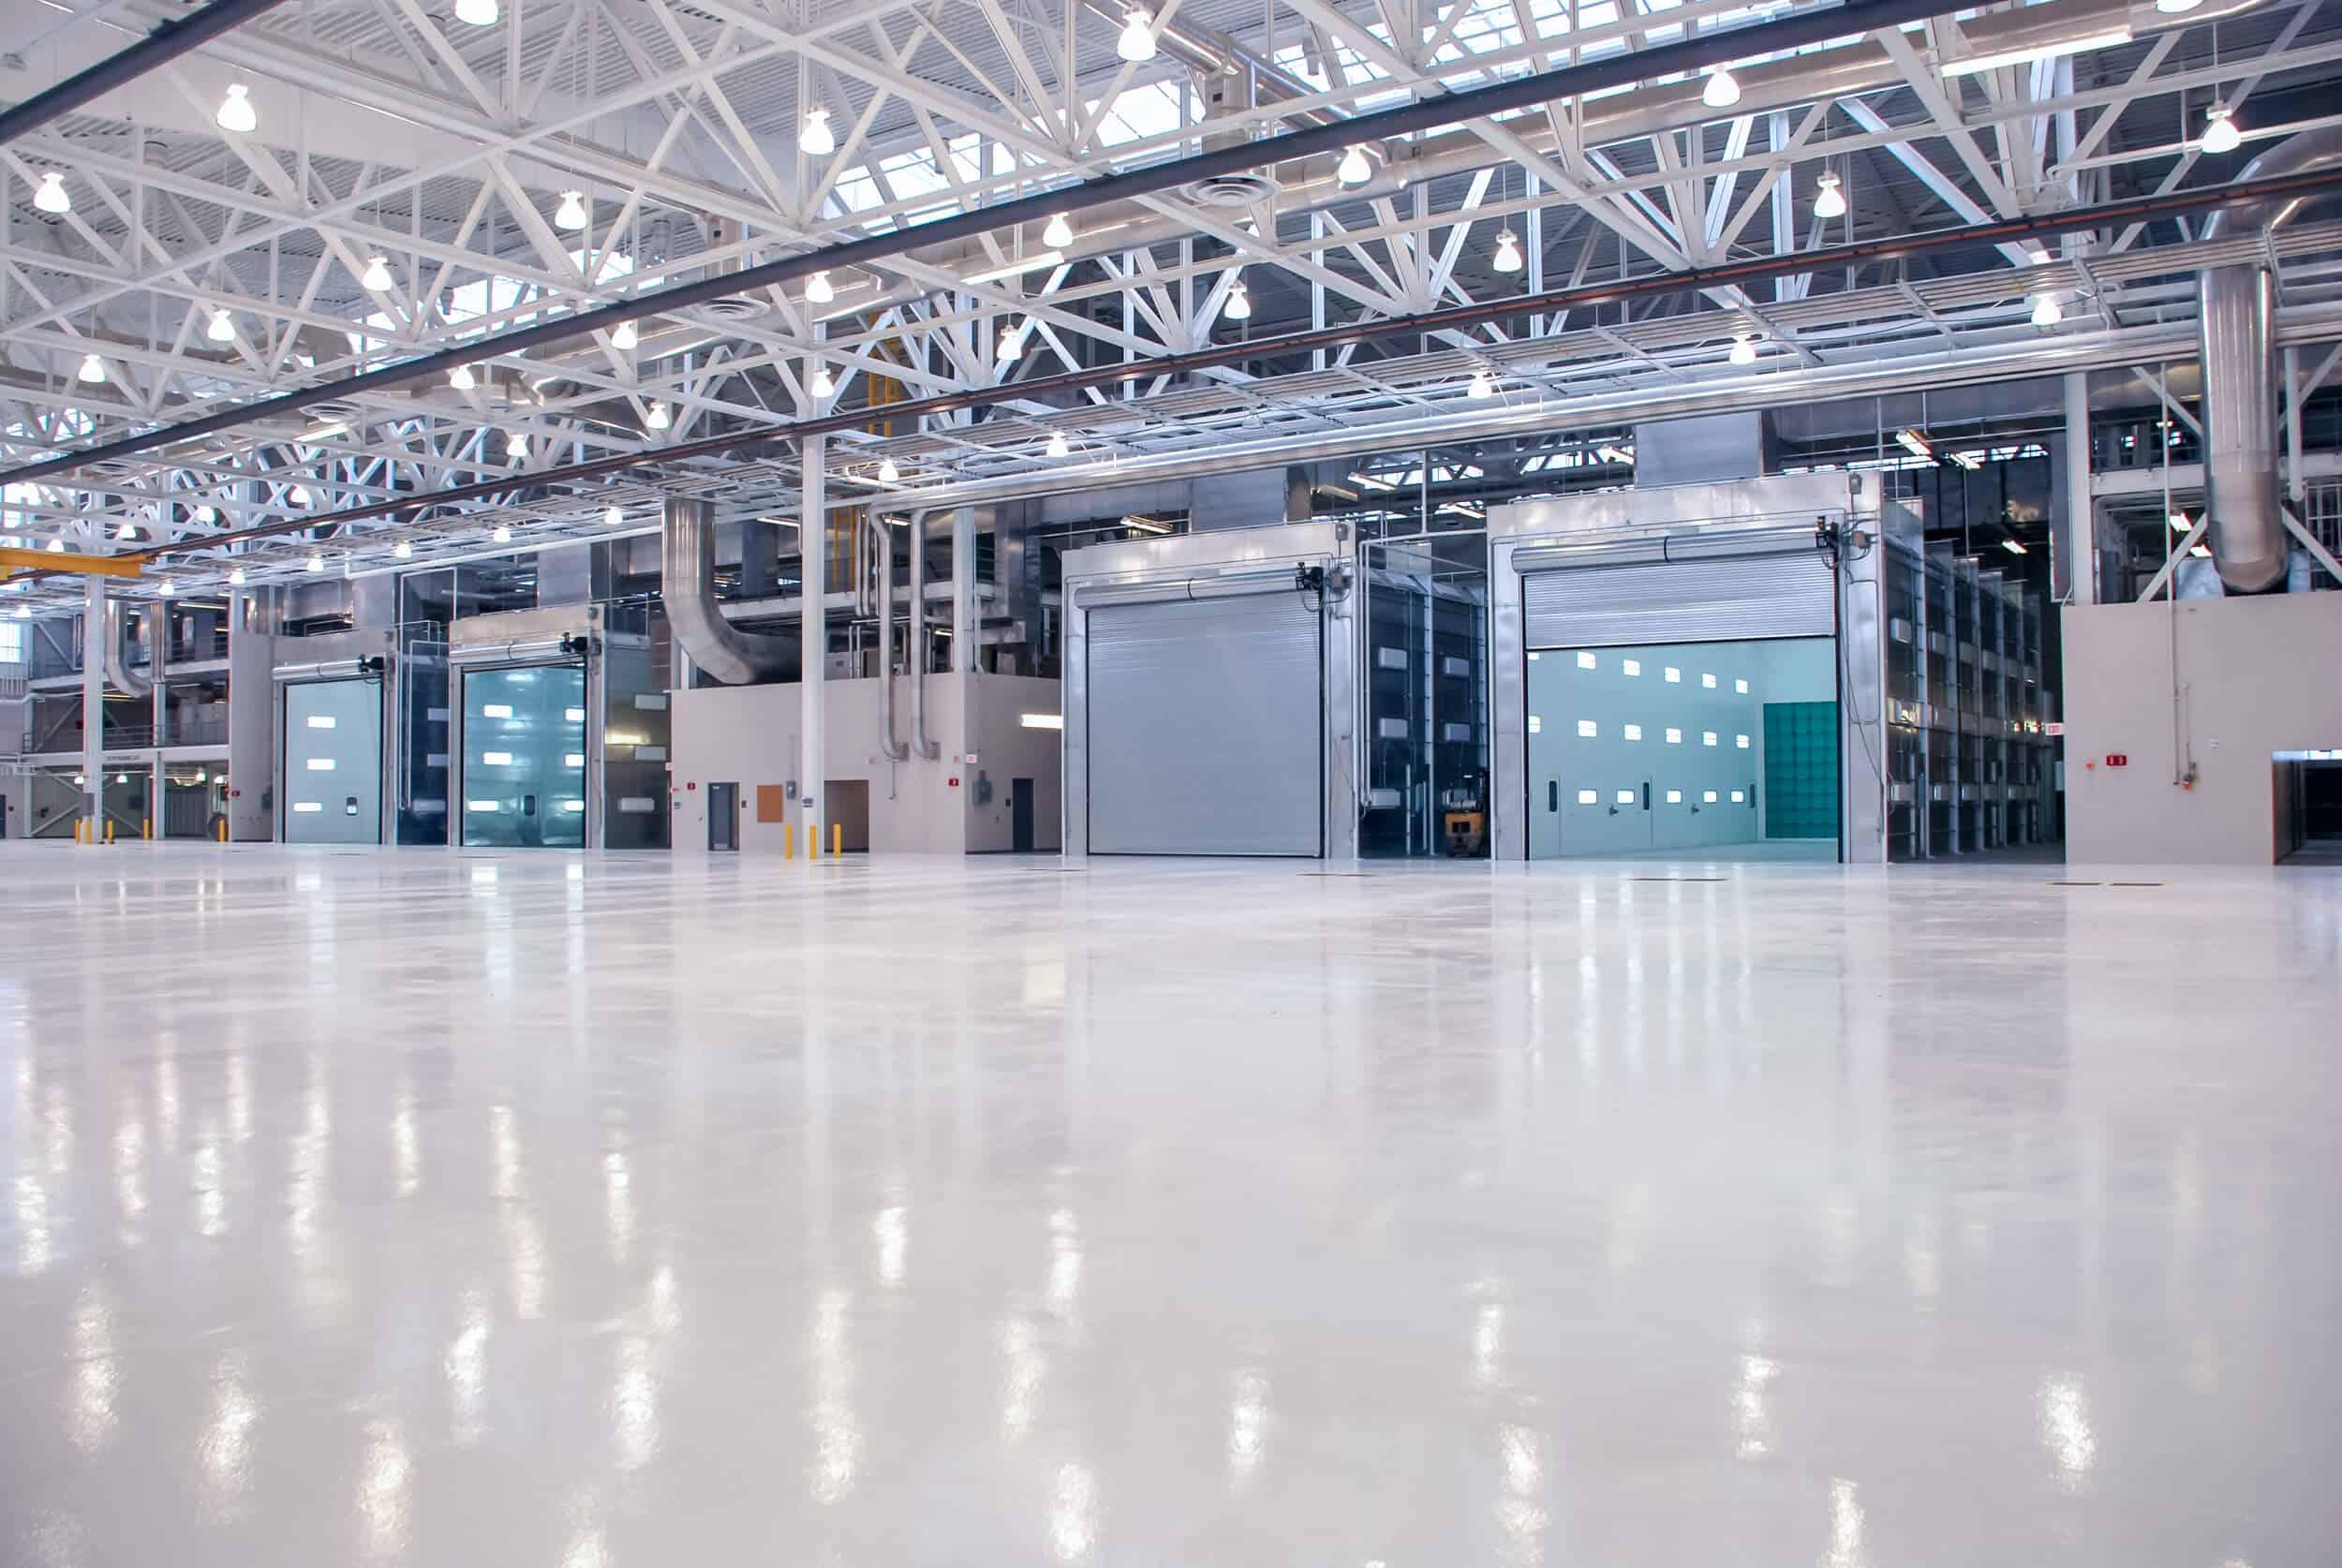 Aiblast Plastic Media Rooms